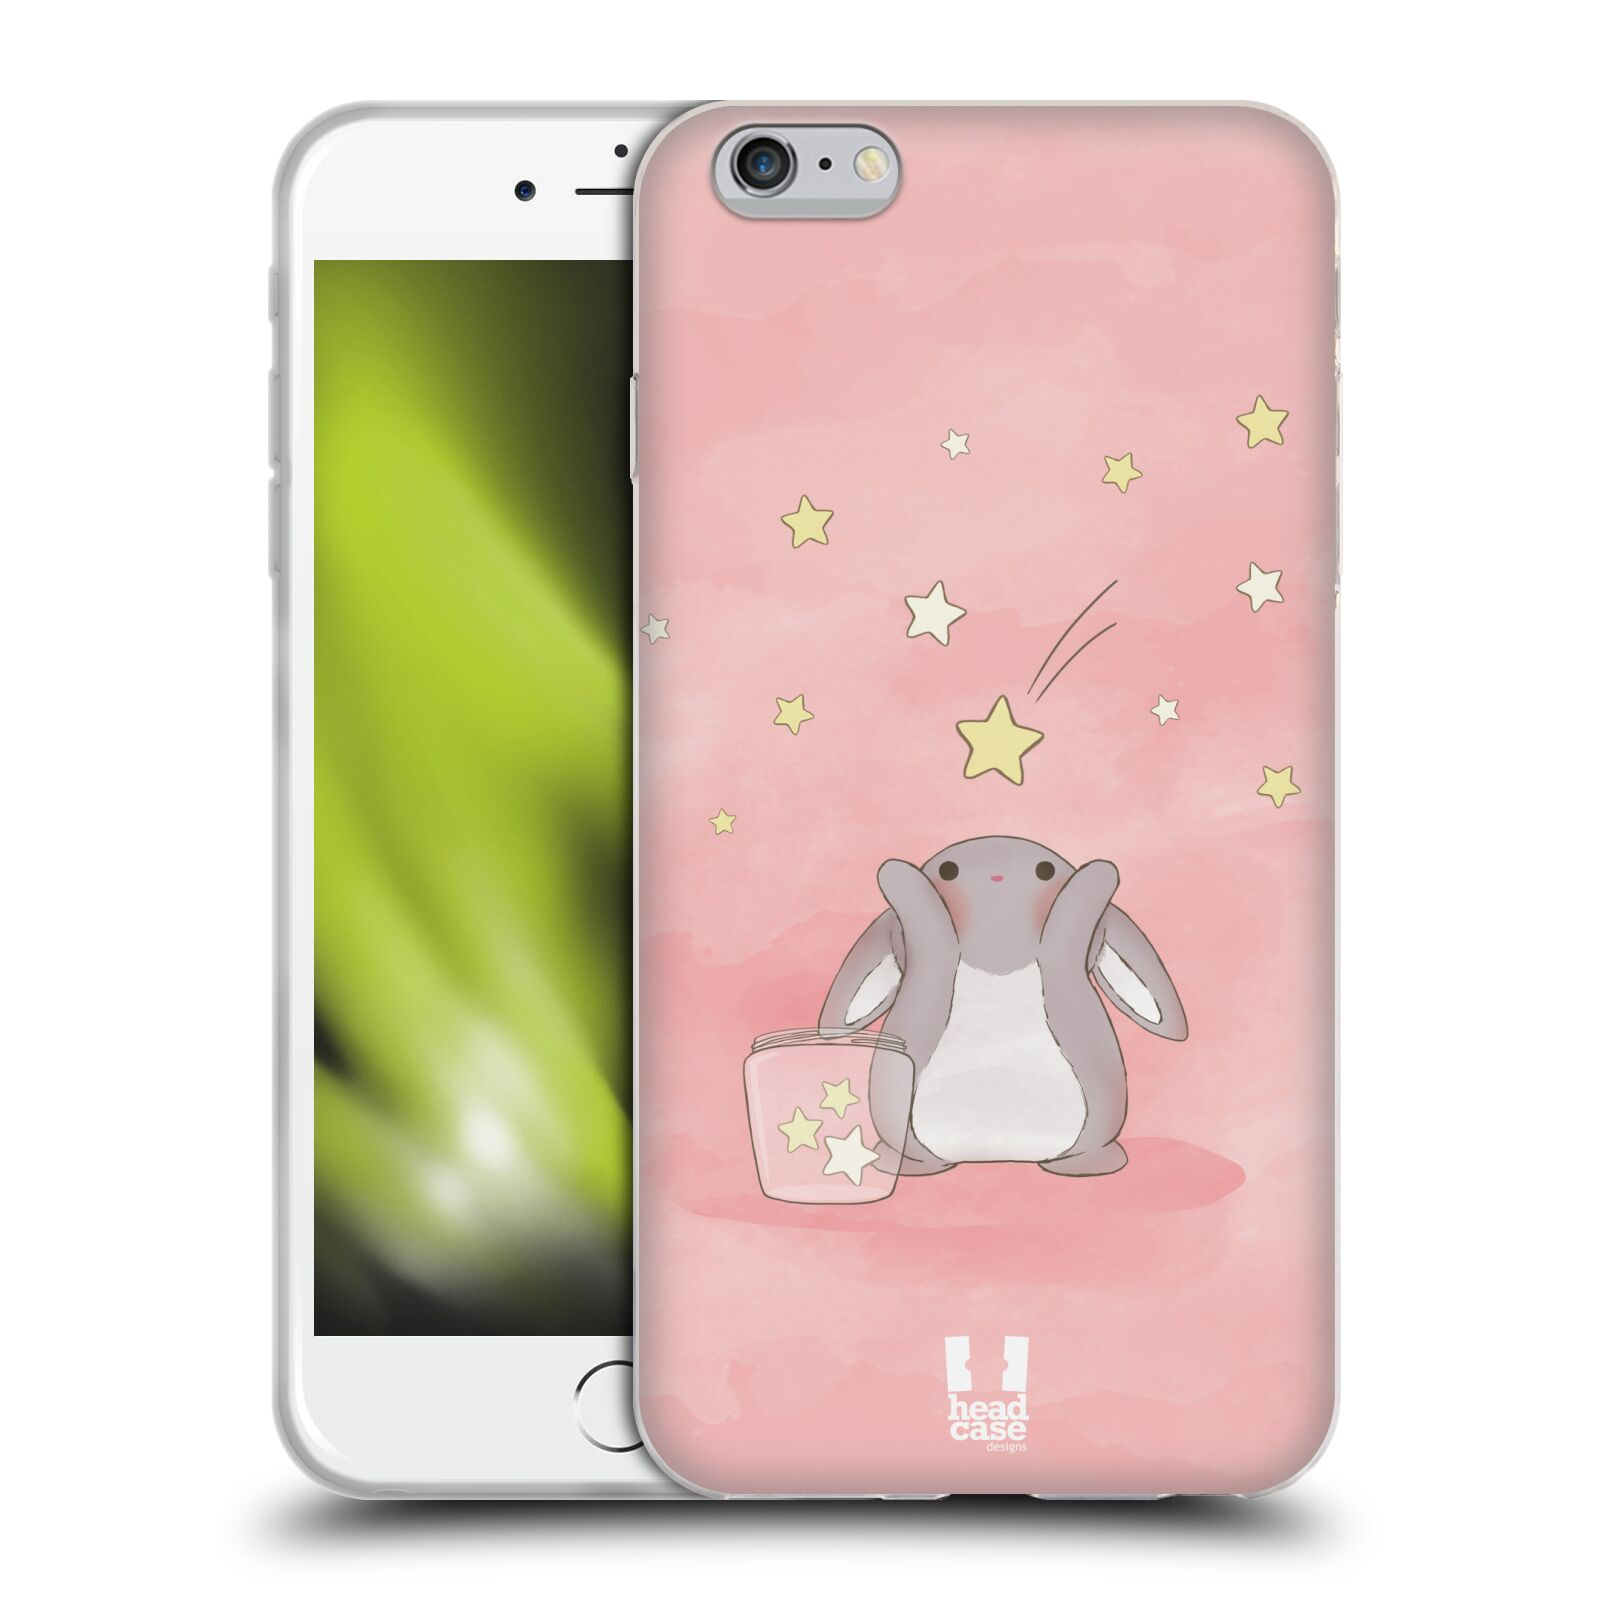 HEAD CASE silikonový obal na mobil Apple Iphone 6 PLUS/ 6S PLUS vzor králíček a hvězdy růžová